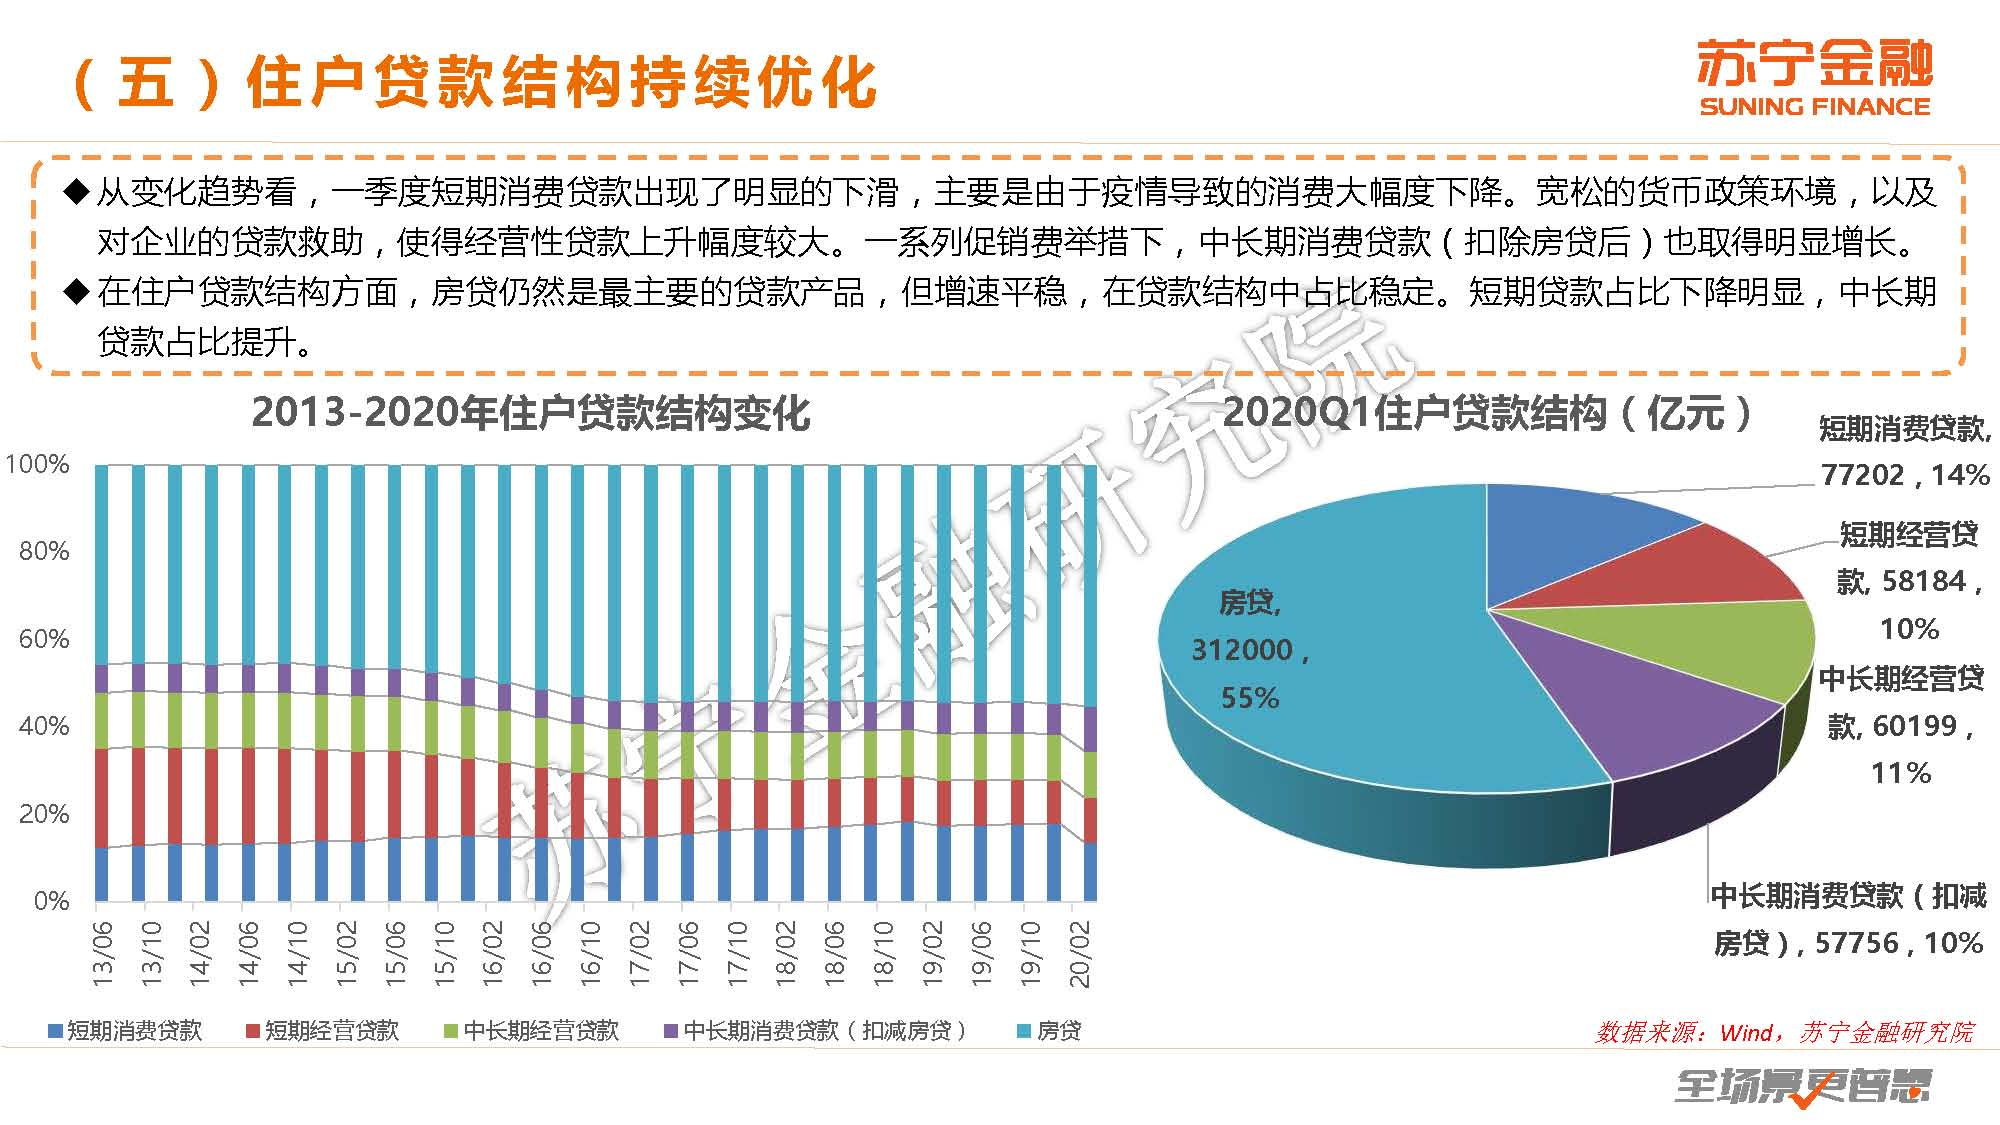 大数据研究报告,苏宁金融:2020年第2季度互联网金融行业报告!